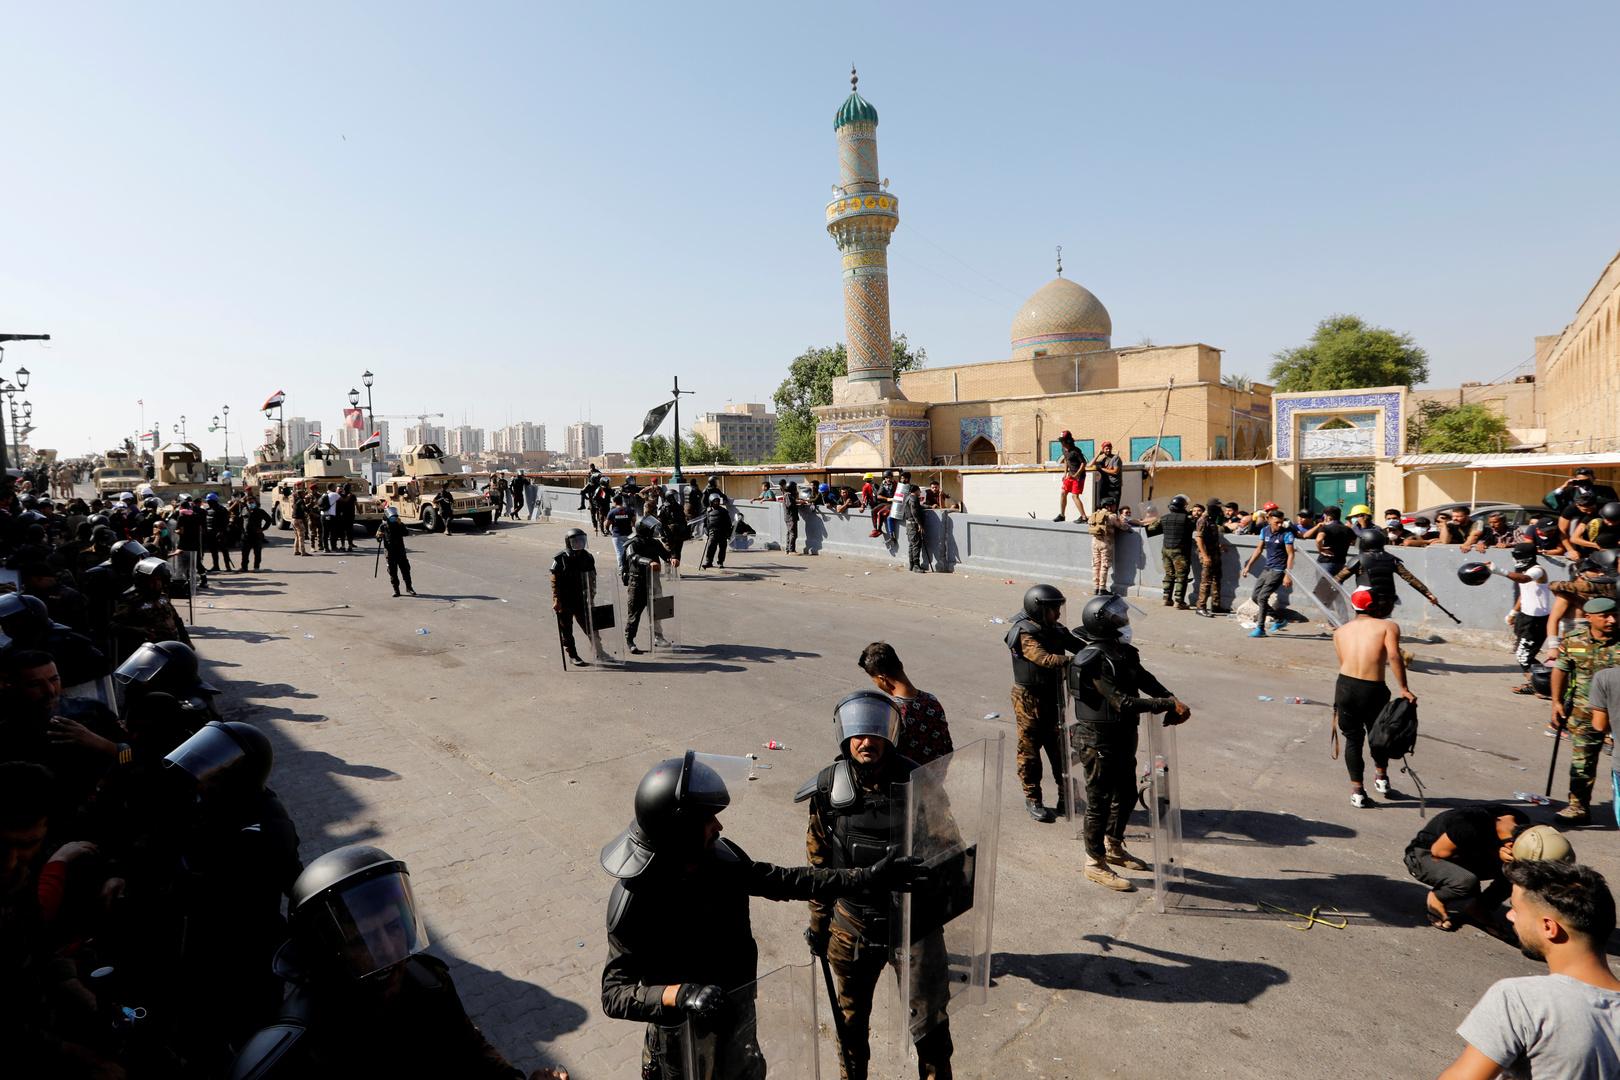 مراسلنا: الأمن العراقي يستخدم الرصاص الحي ضد المتظاهرين في شارع الرشيد